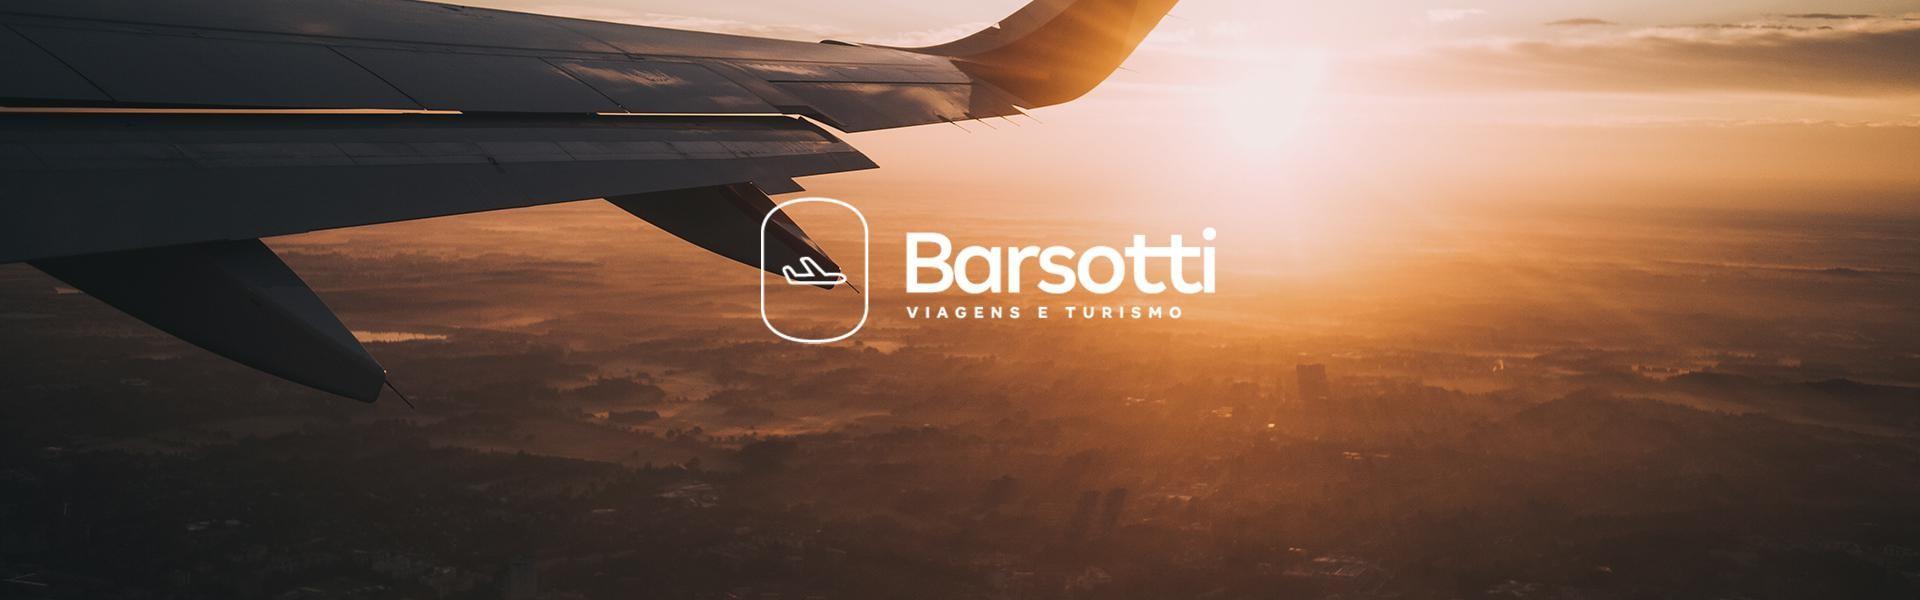 Barsotti Turismo